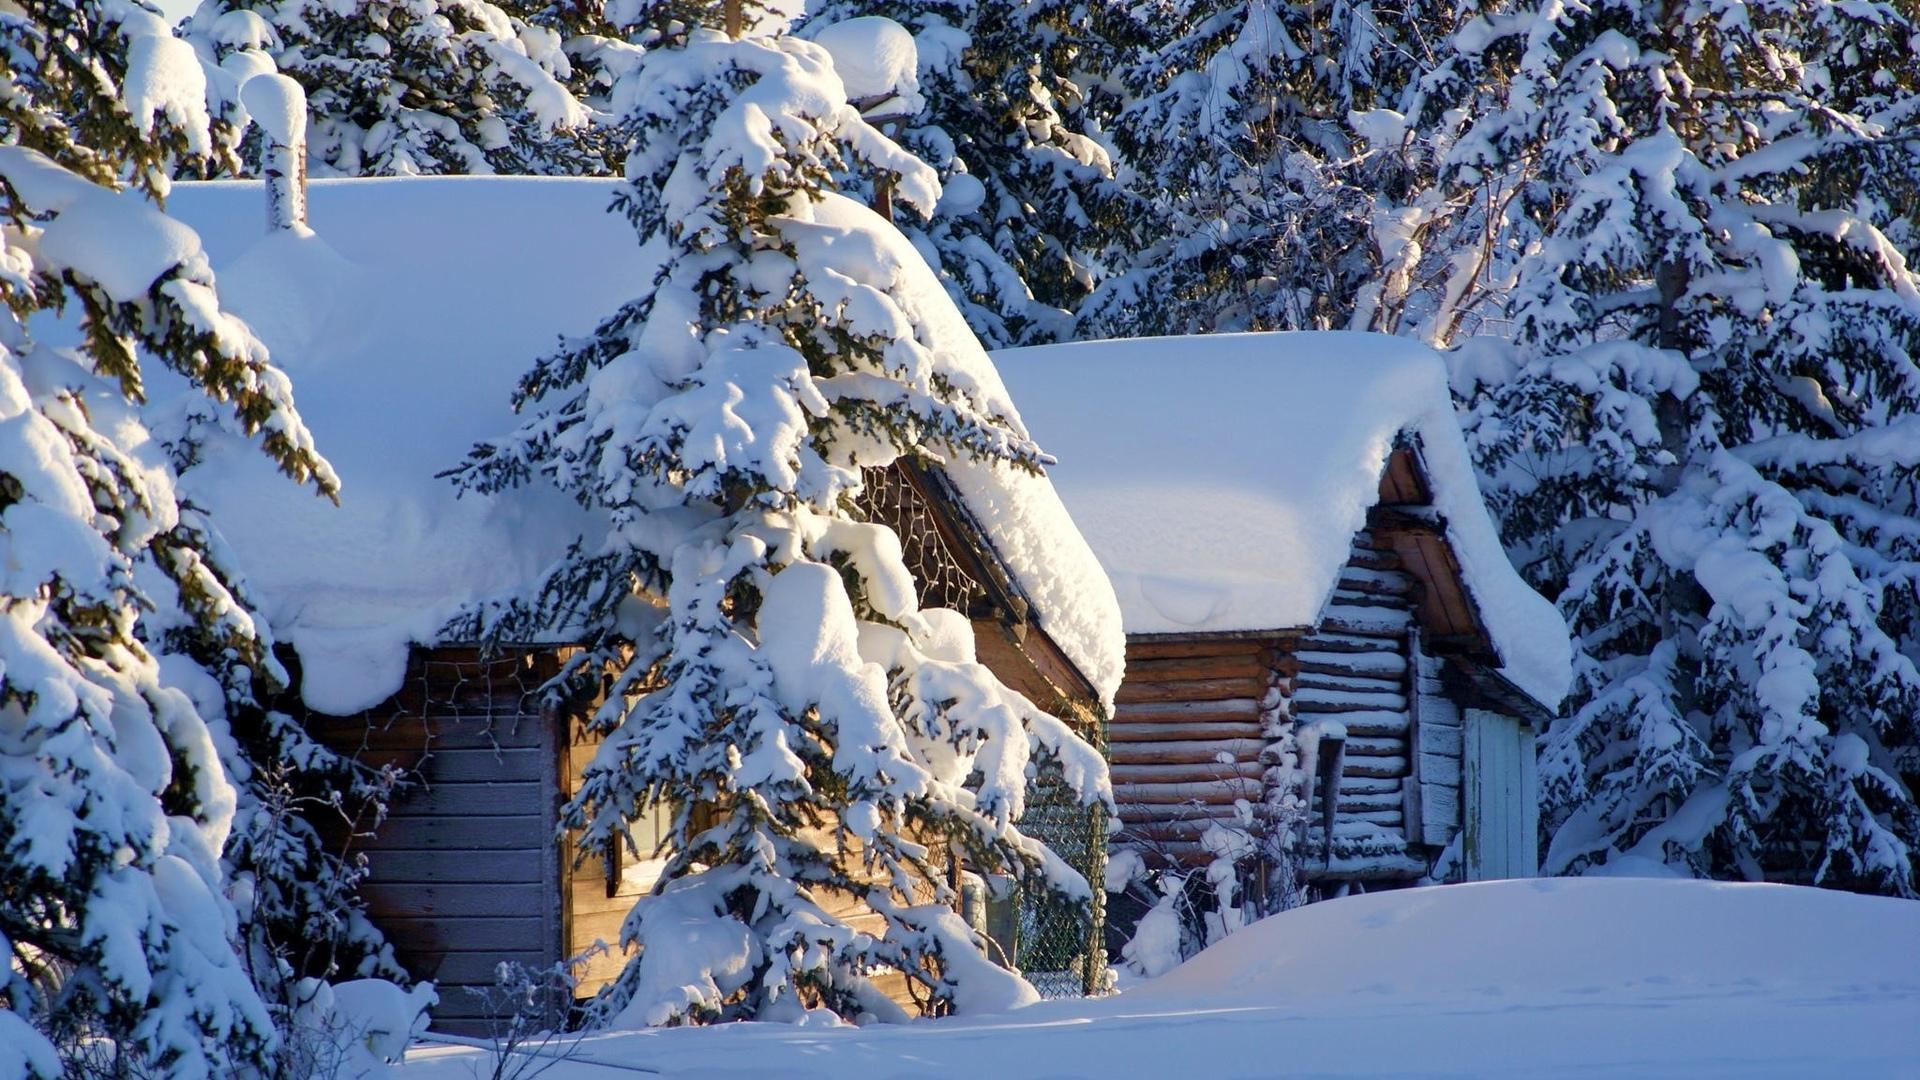 Картинки зимы на рабочий стол хорошего качества